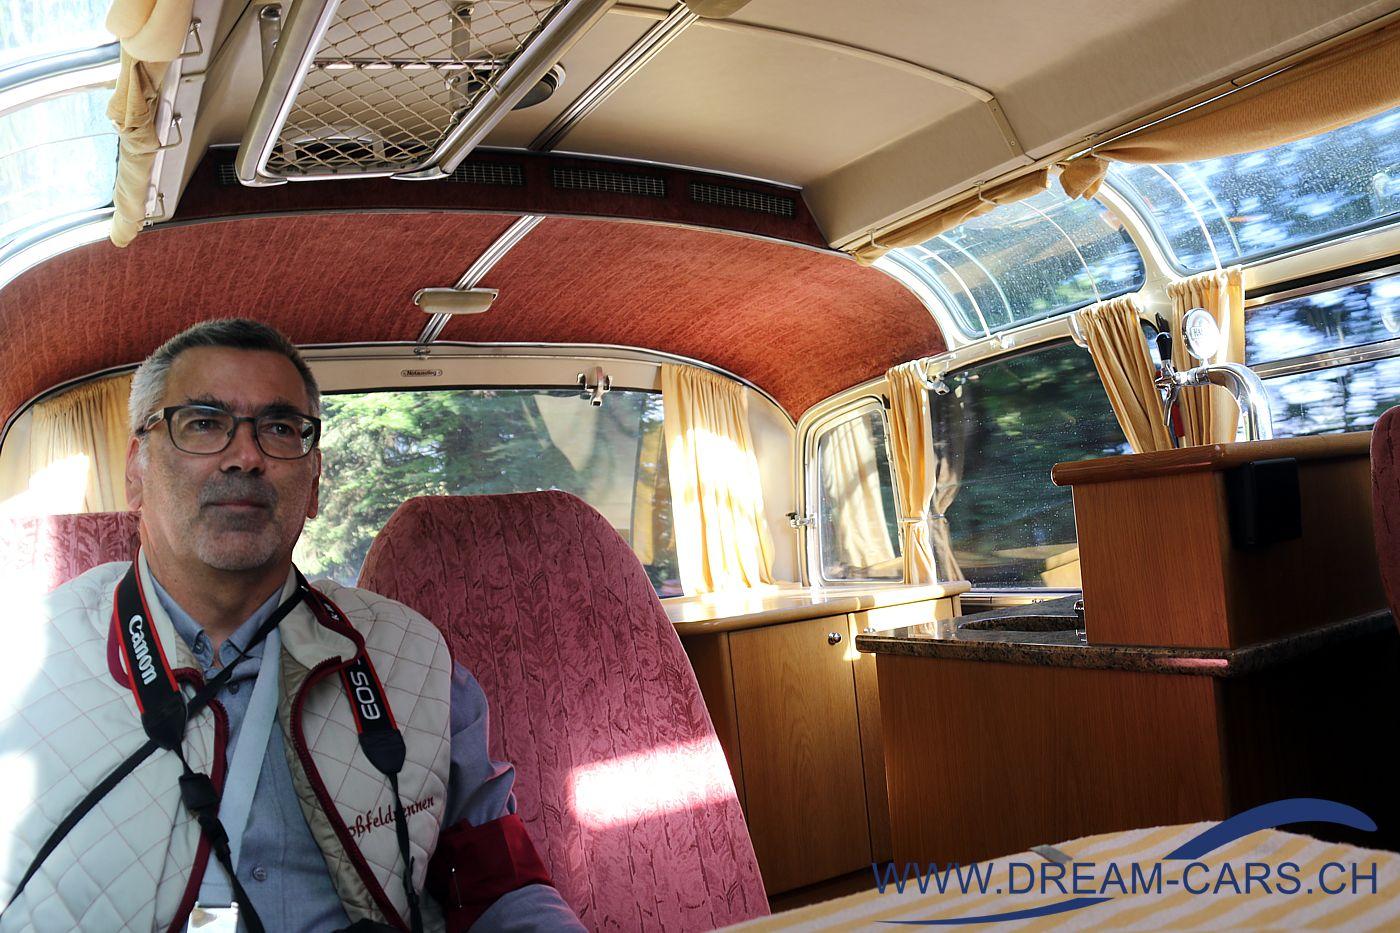 Fahrt im historischen Bus am Rossfeldrennen